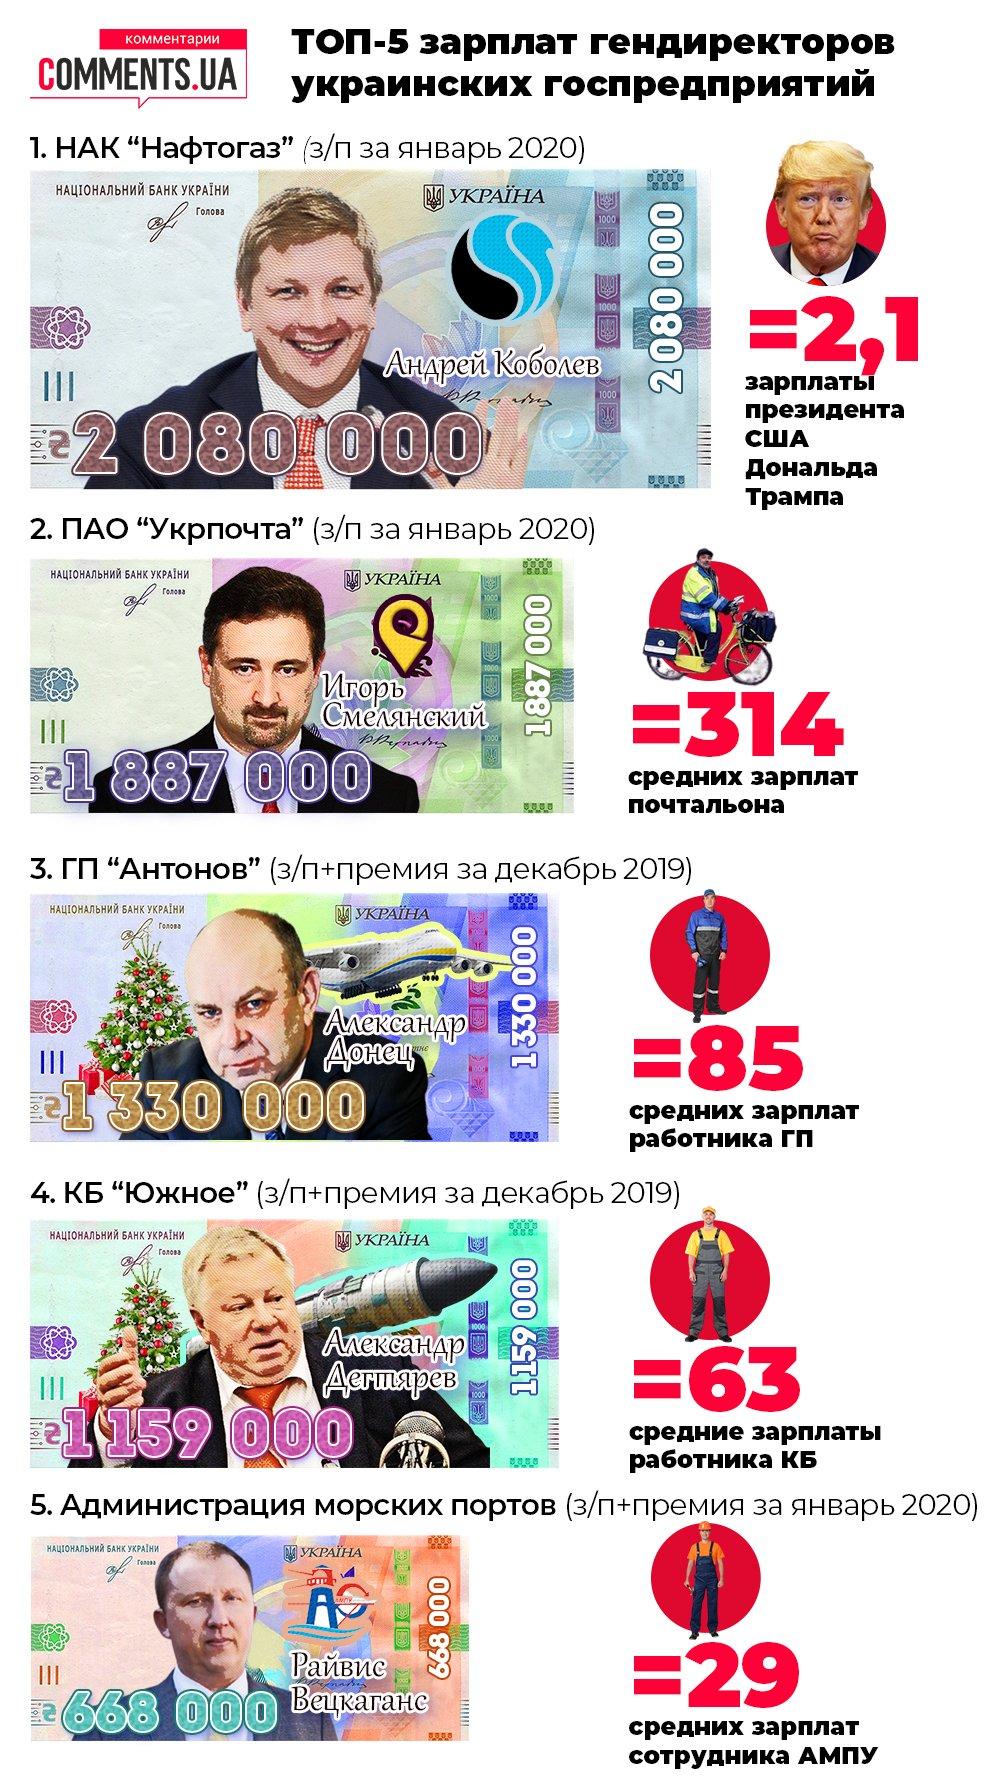 ТОП-5 зарплат гендиректоров украинских государственных предприятий (инфографика)